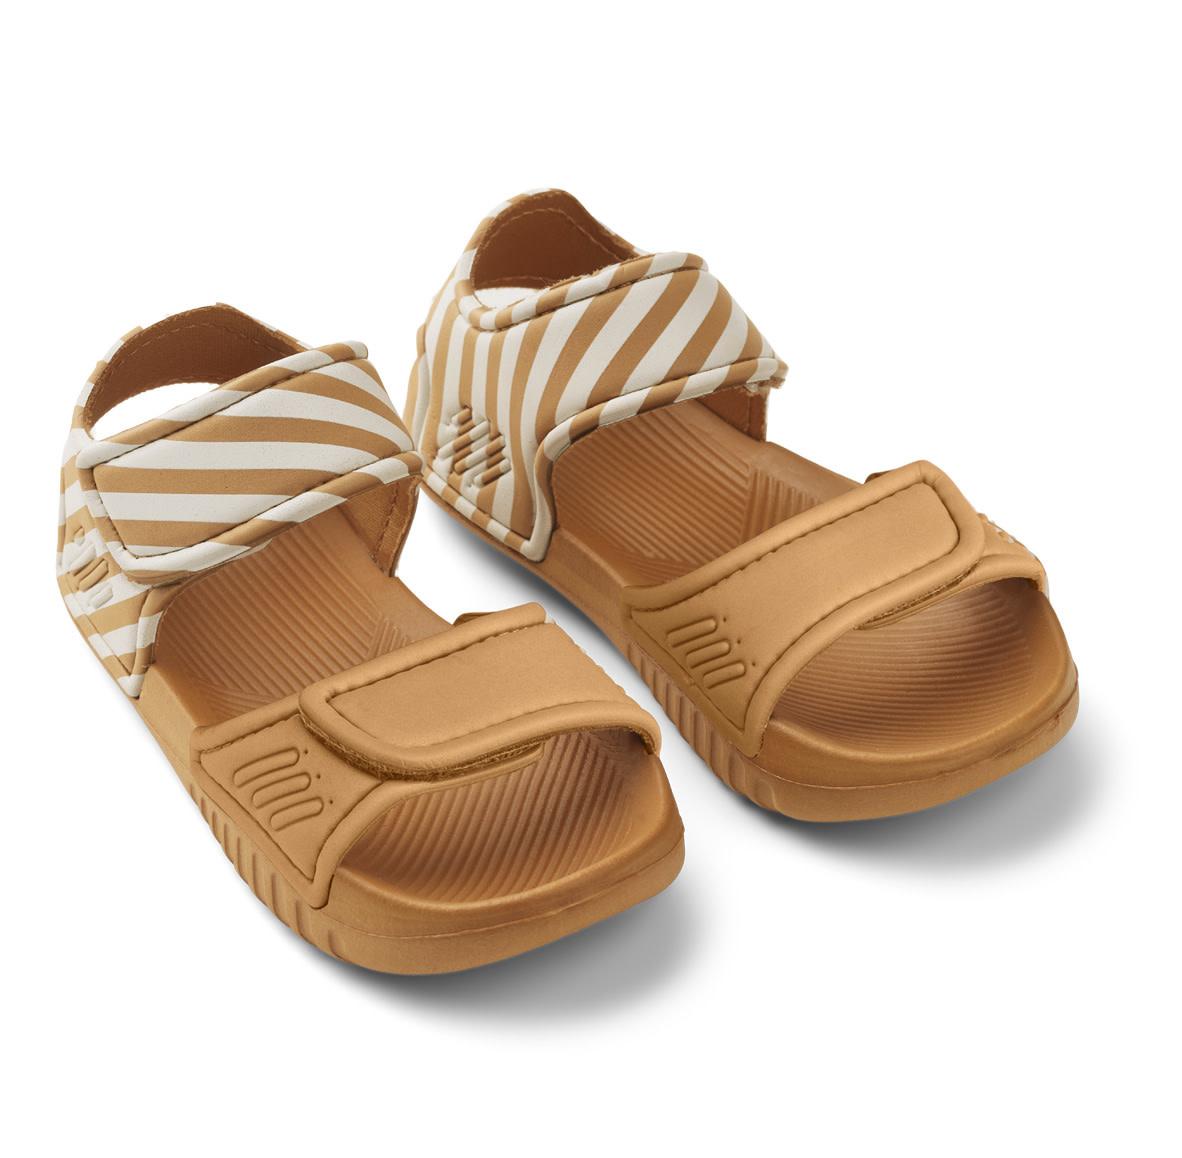 Blumer sandals mustard/sandy stripe-1